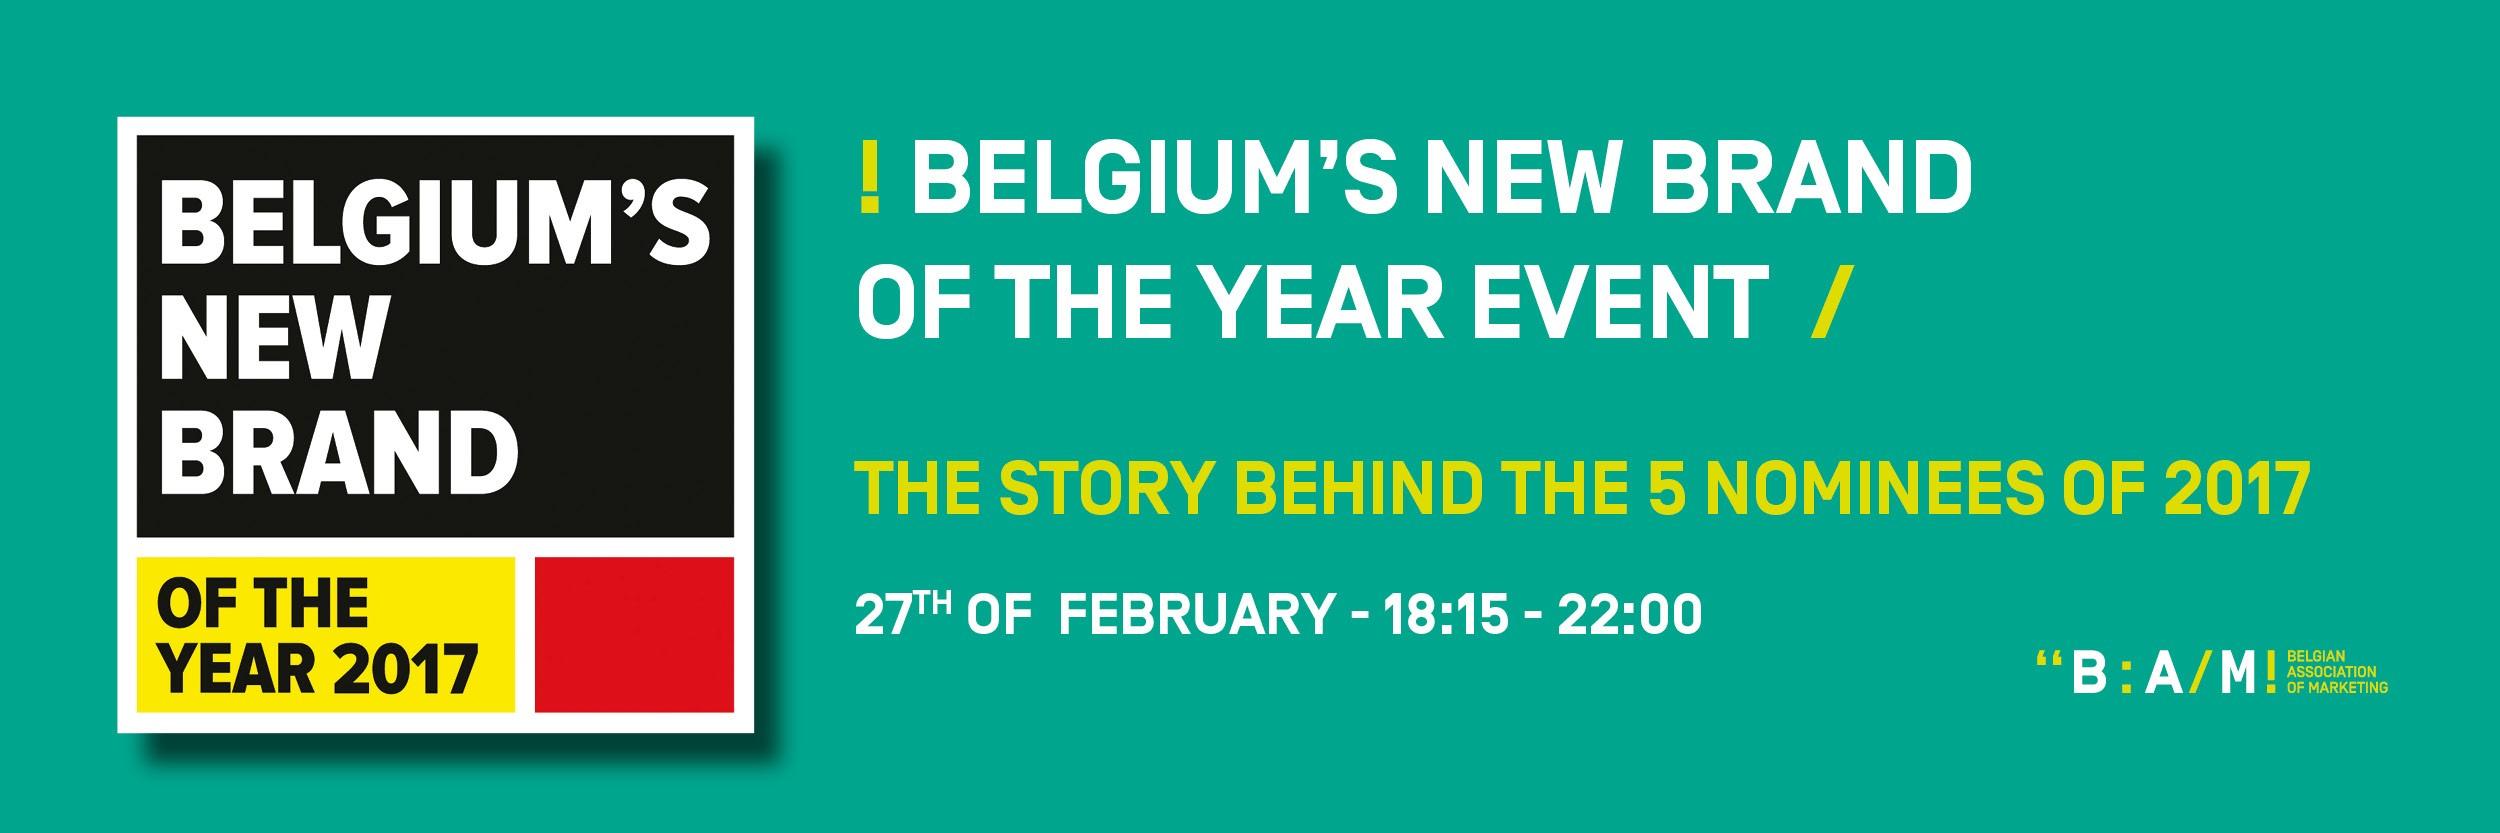 Belgium's New Brand